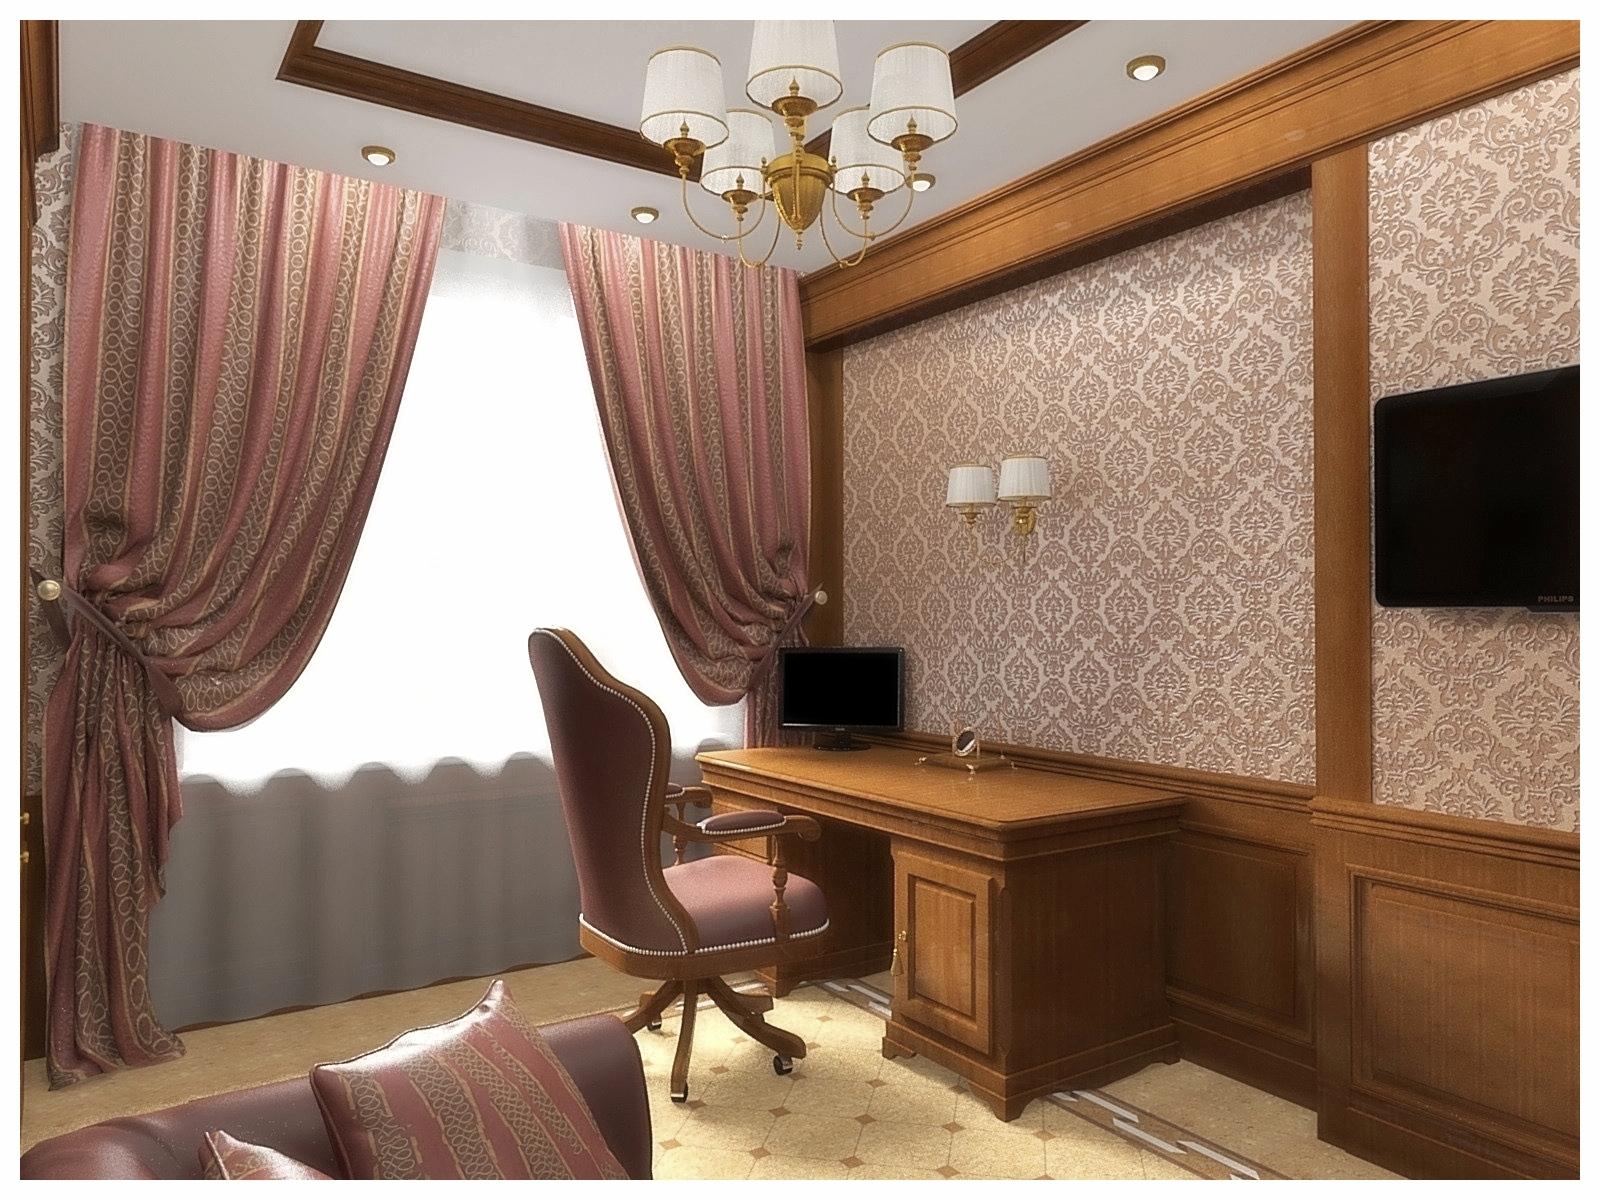 Дизайн интерьеров квартир. Кабинет 2.